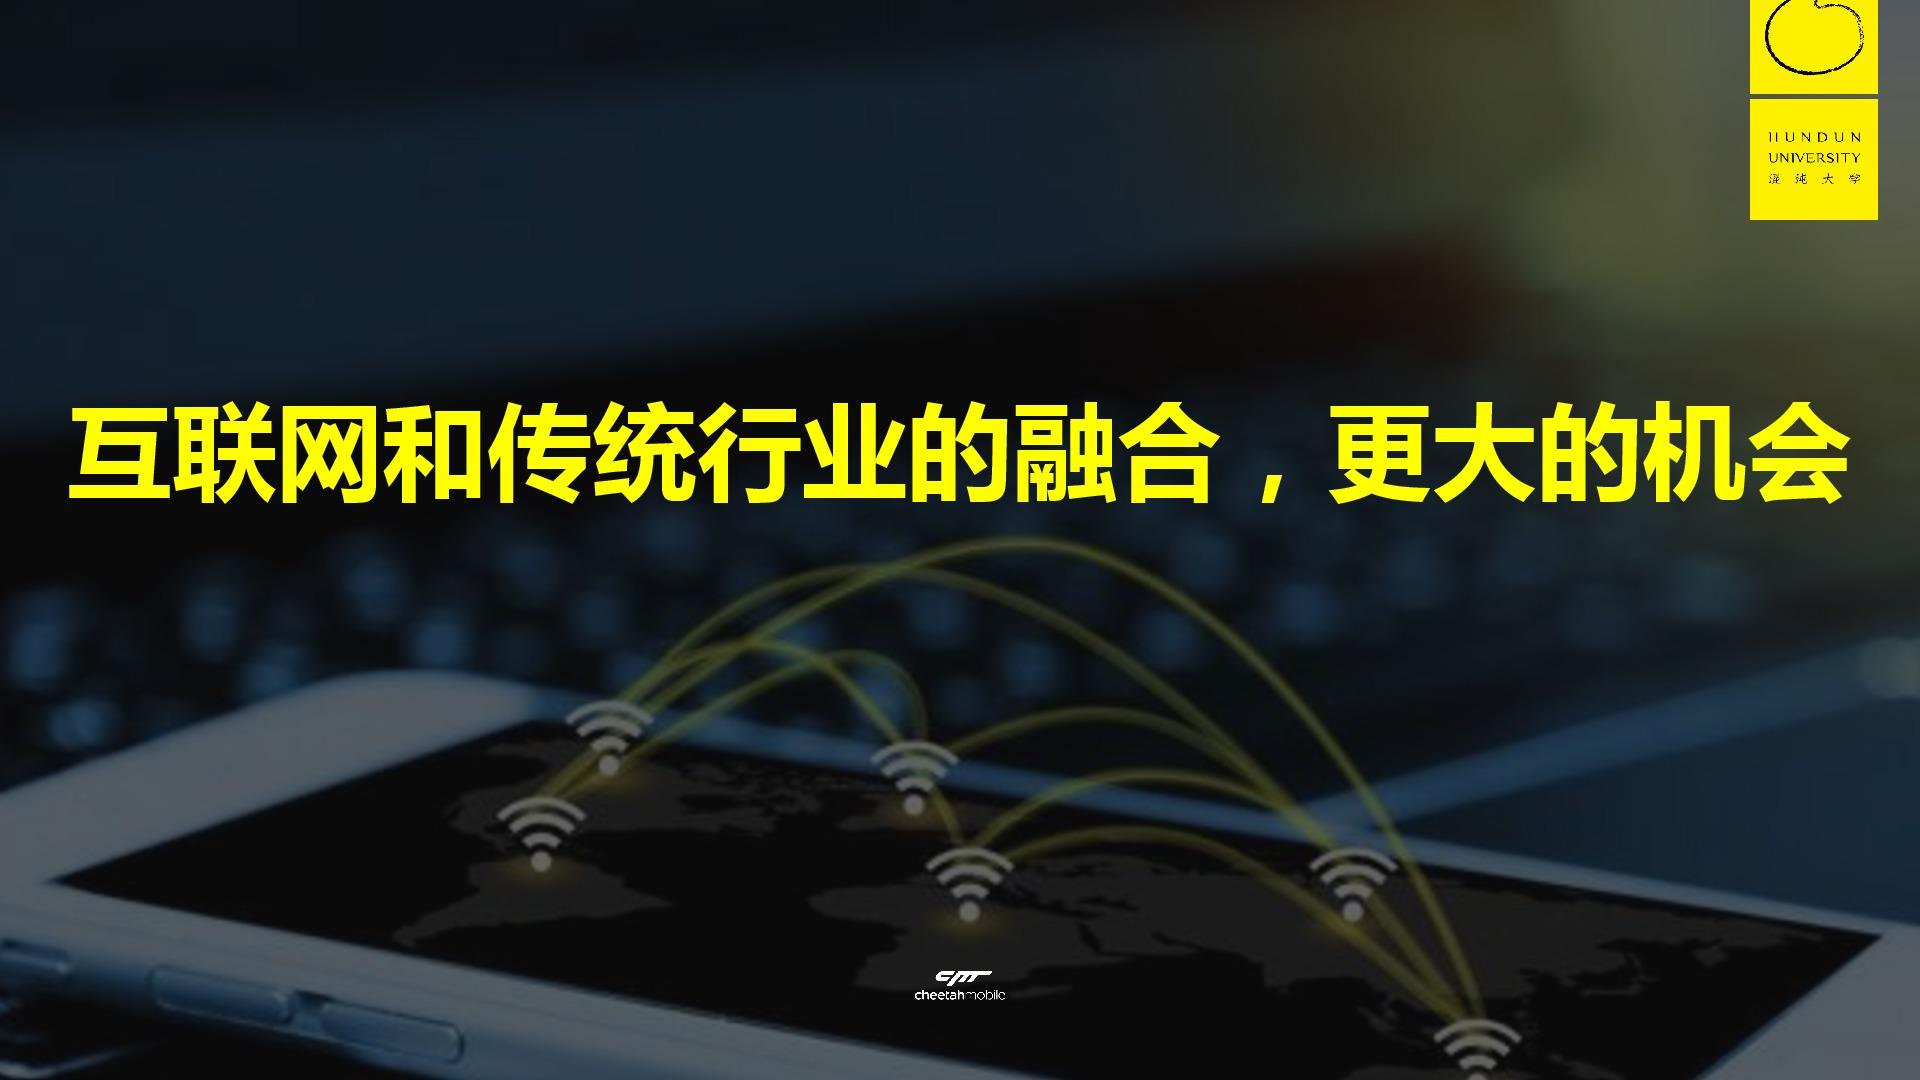 认知升级-个人认知与商业创新-混沌大学10月14日傅盛分享PPT